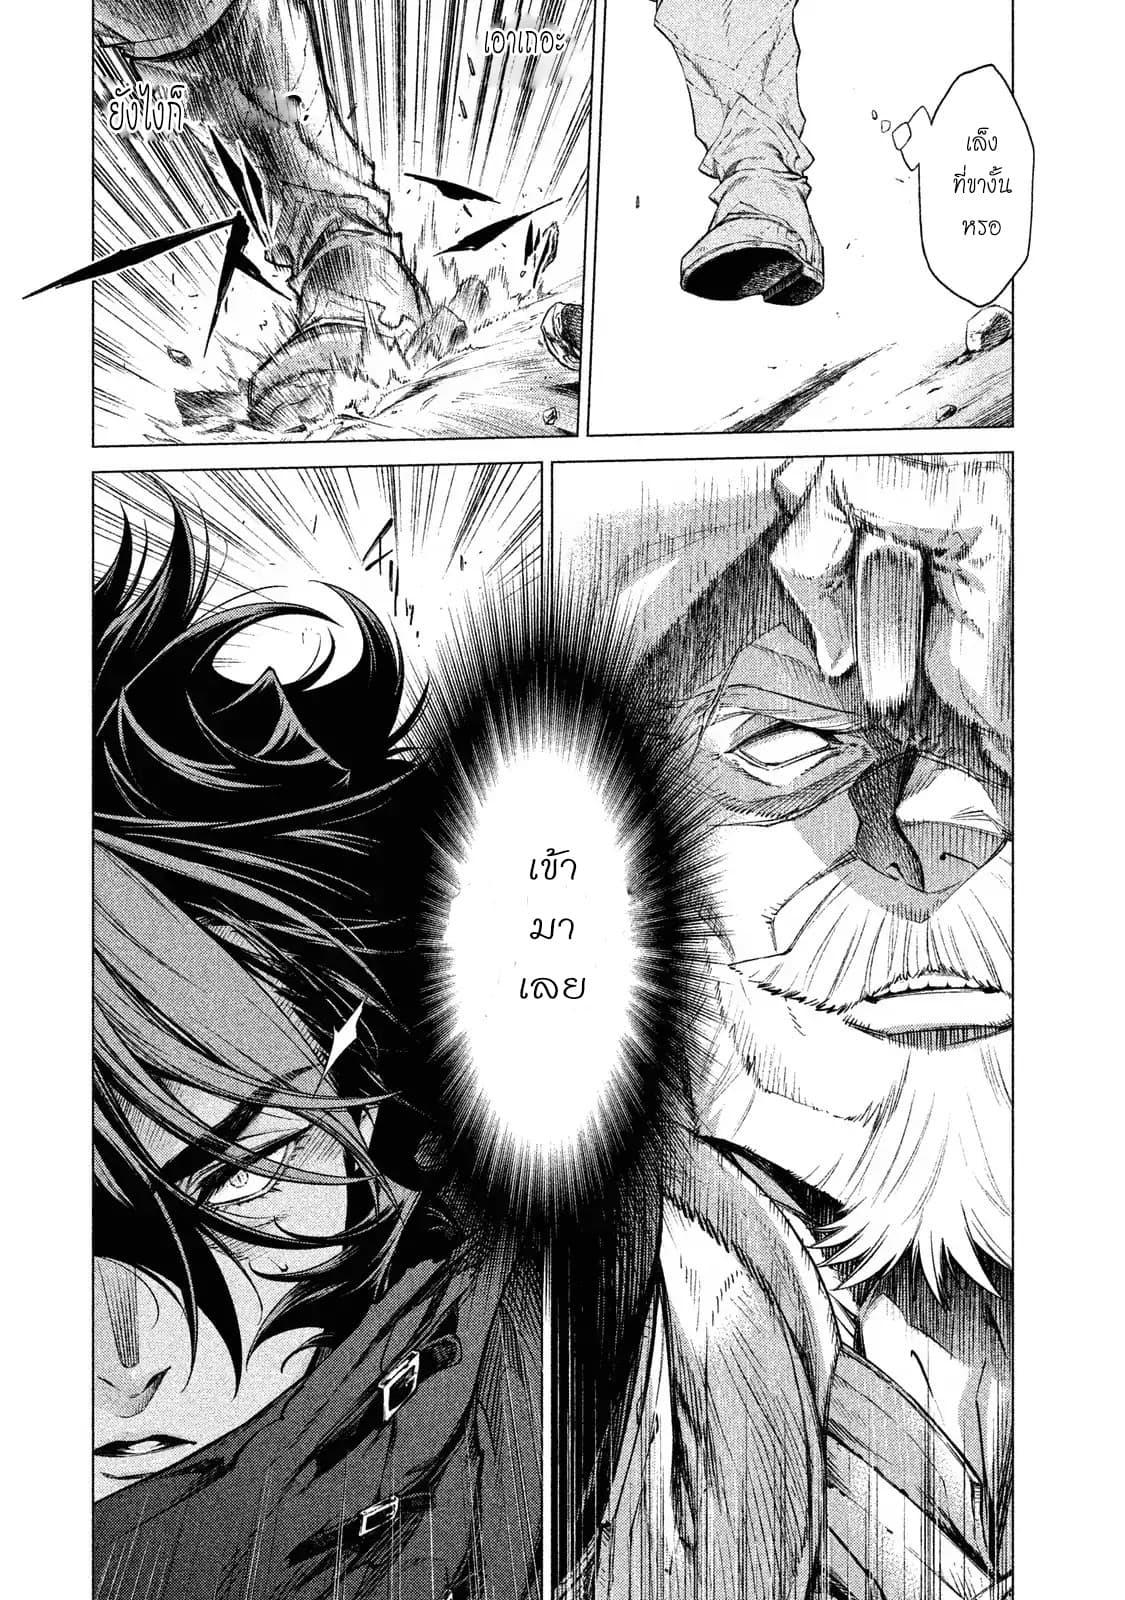 อ่านการ์ตูน Henkyou no Roukishi - Bard Loen ตอนที่ 3 หน้าที่ 12